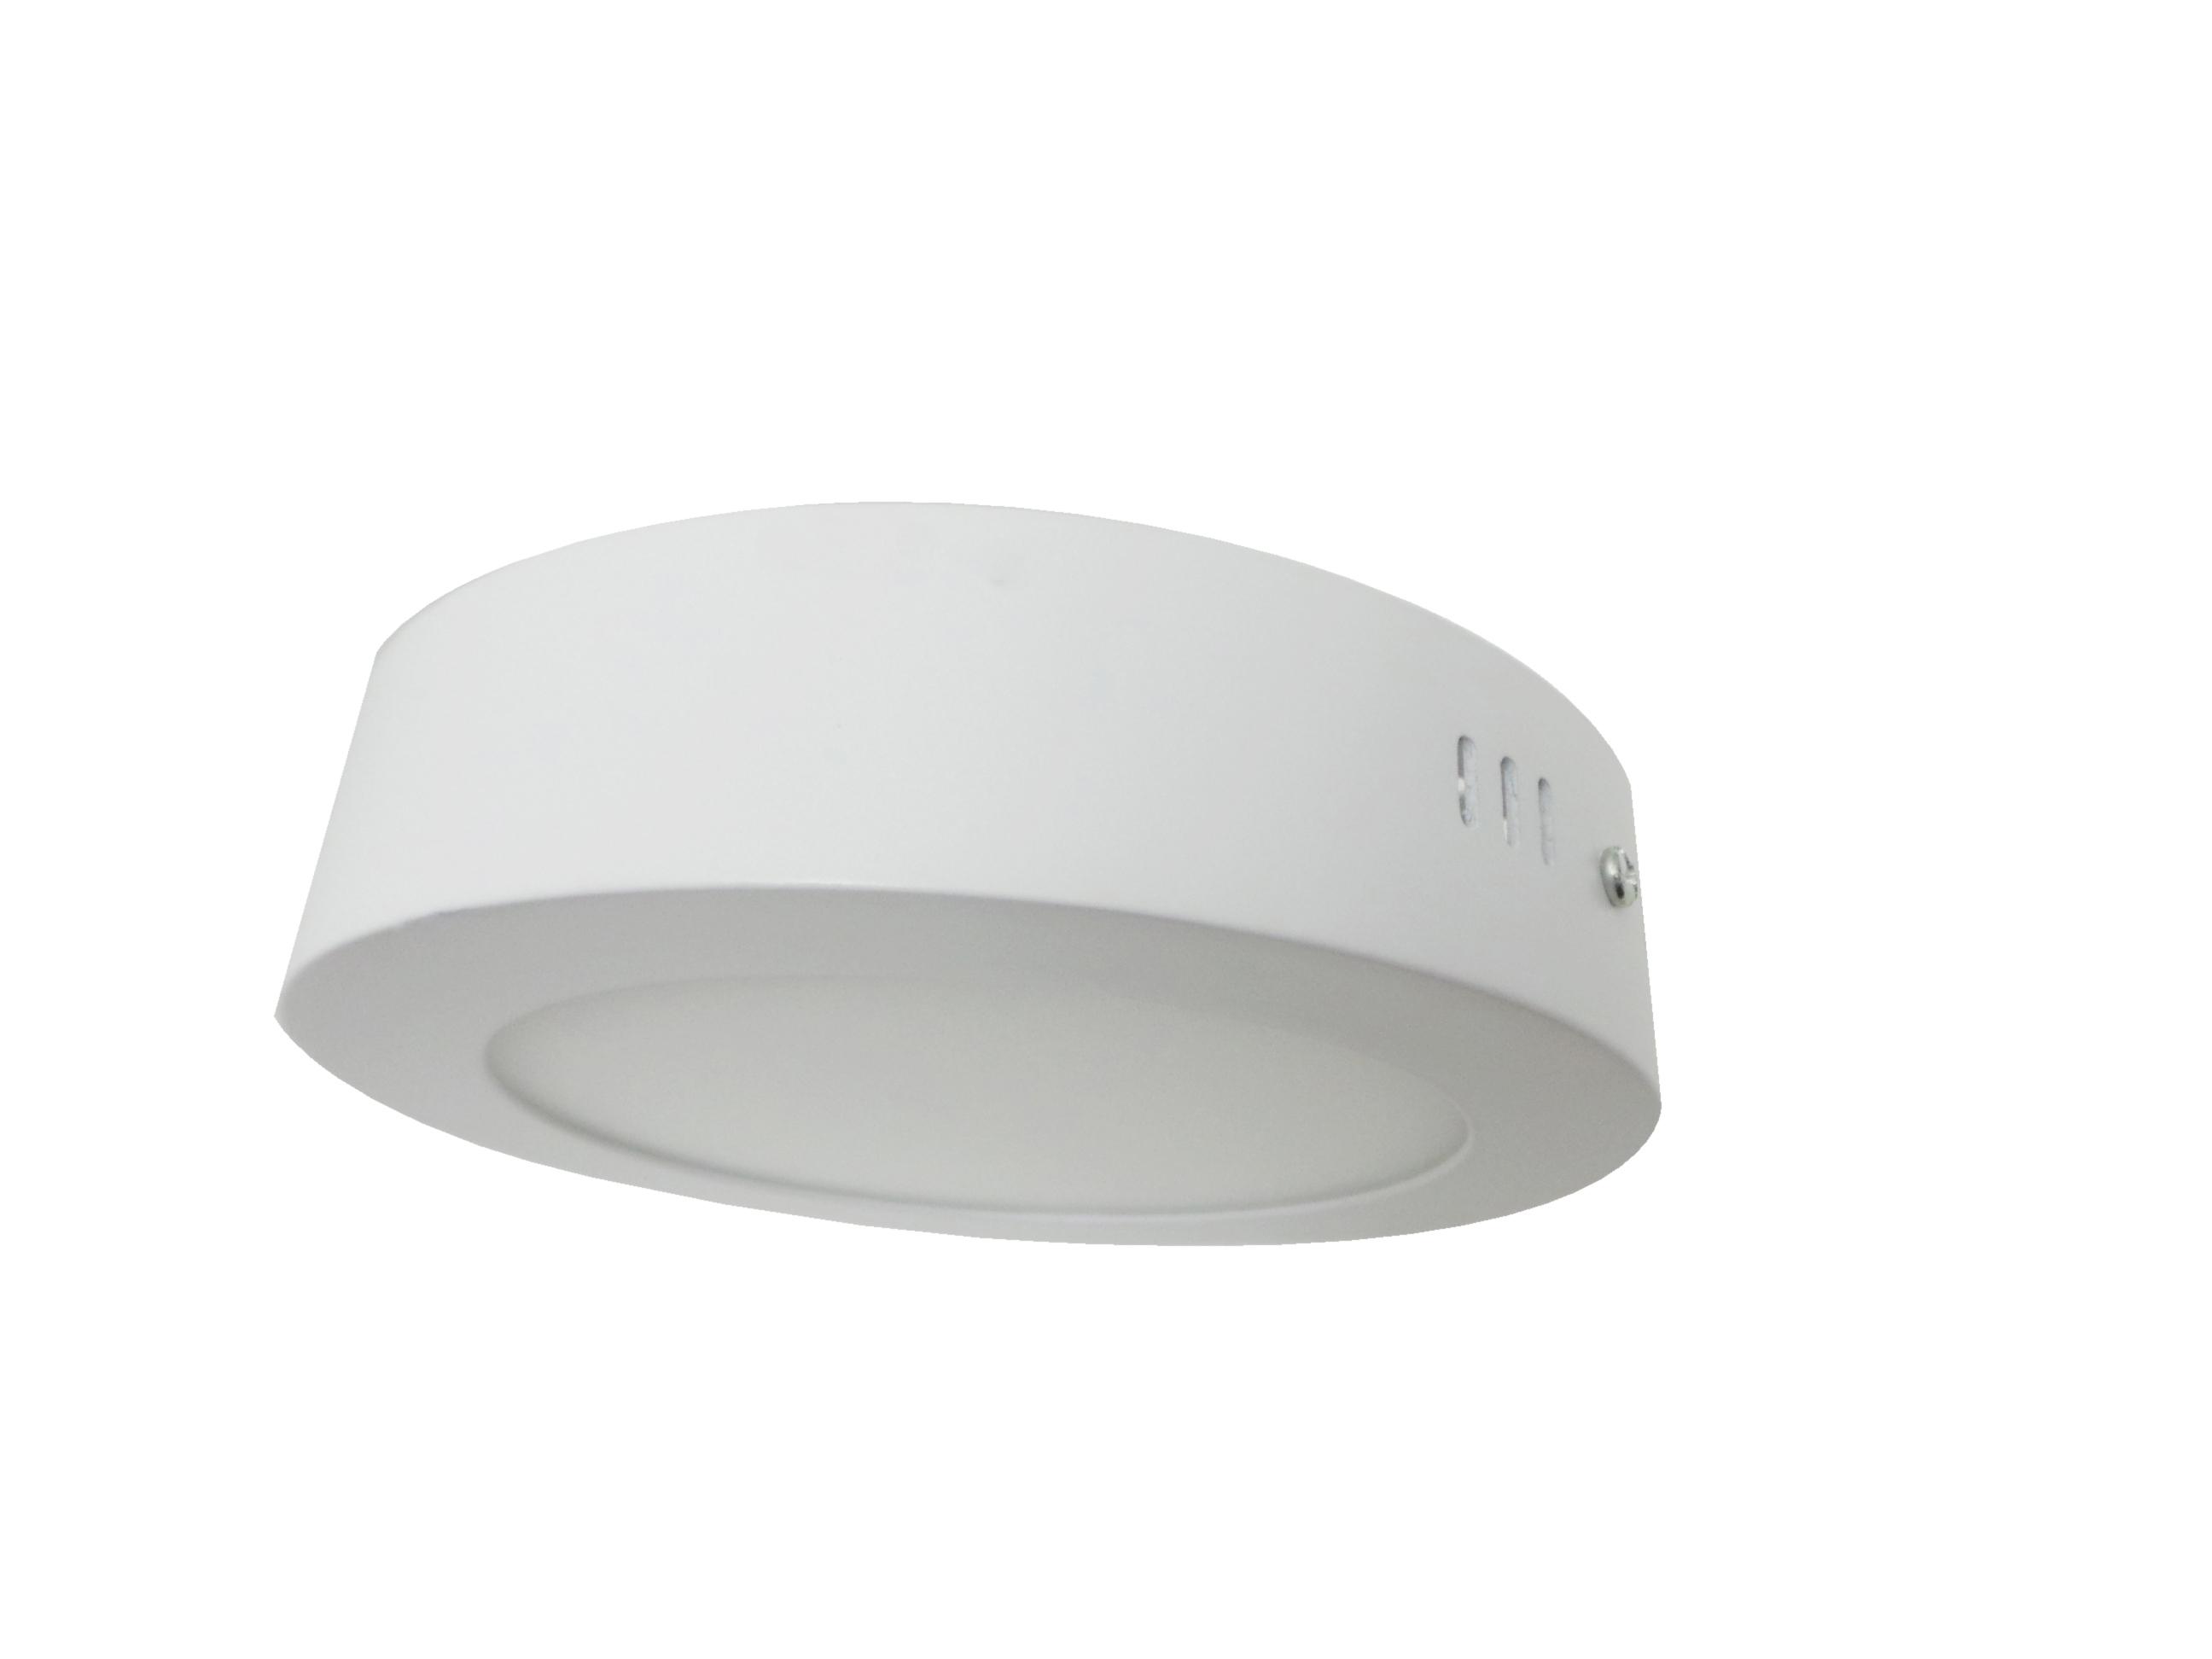 Plafoniere Con Circolina : Pl1 12w offerte plafoniere pannelli led silamp lampada